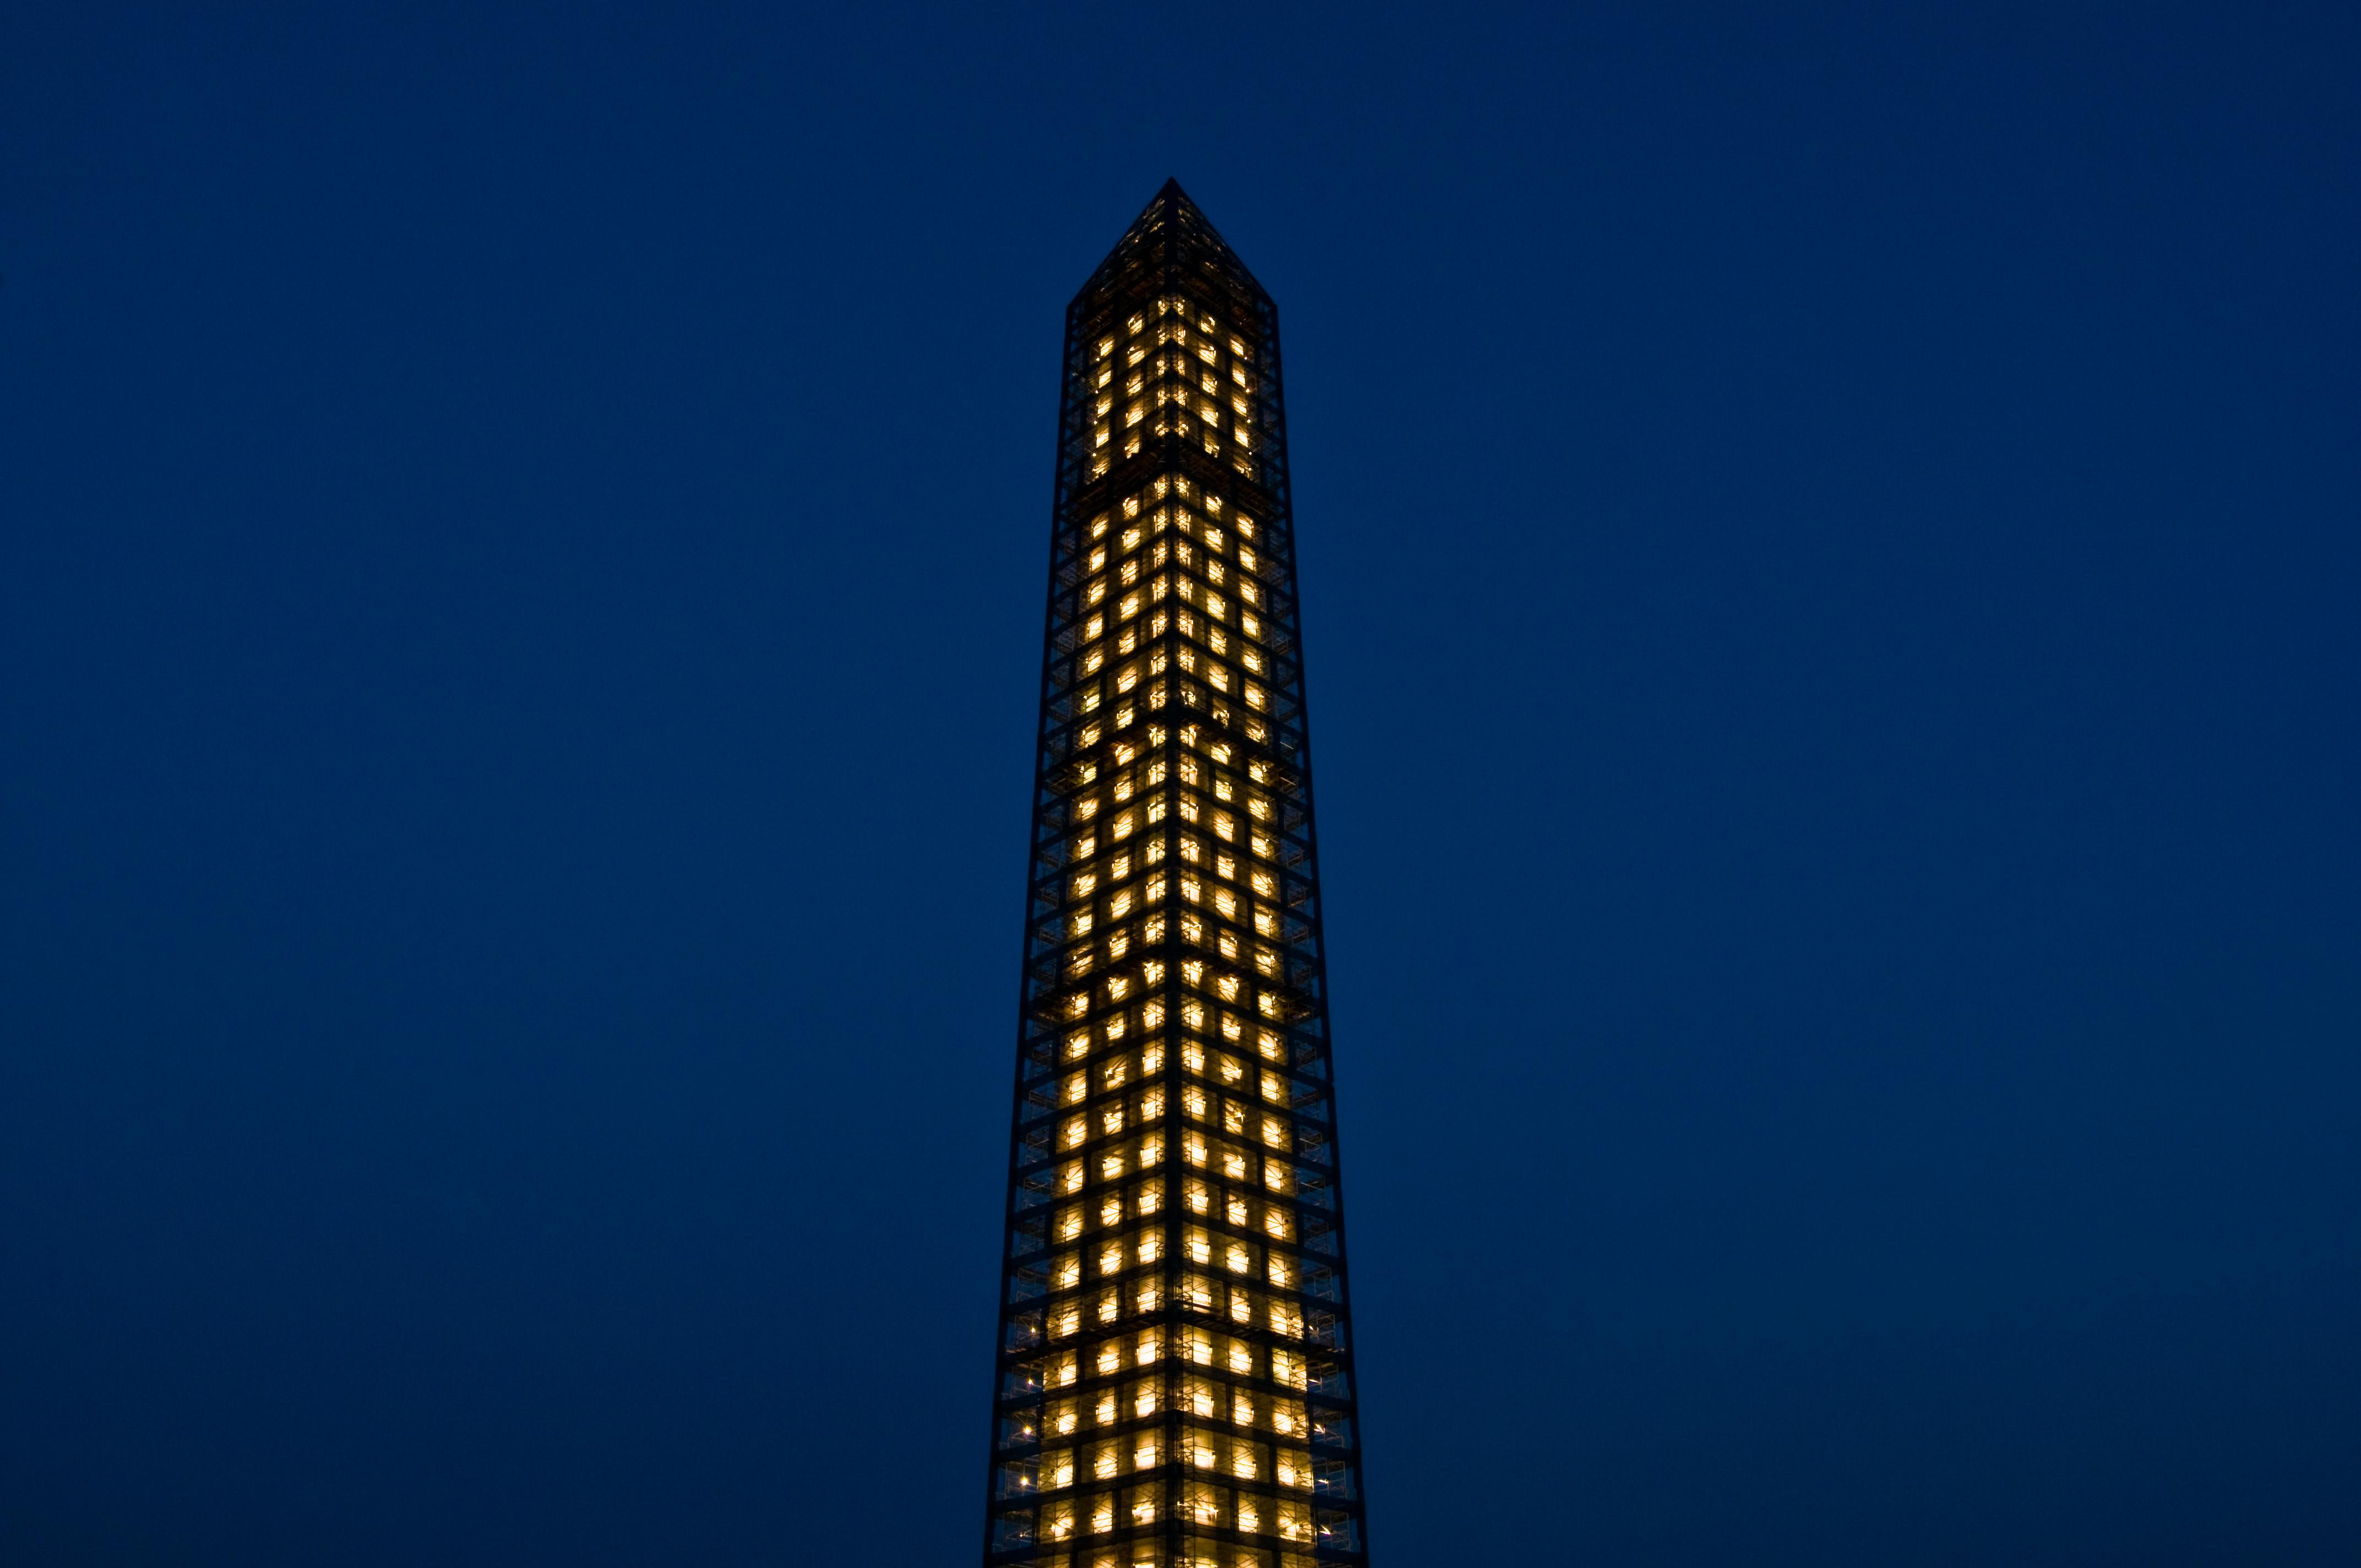 Washington Monument - Encased in Steel & Light - 07-16-13